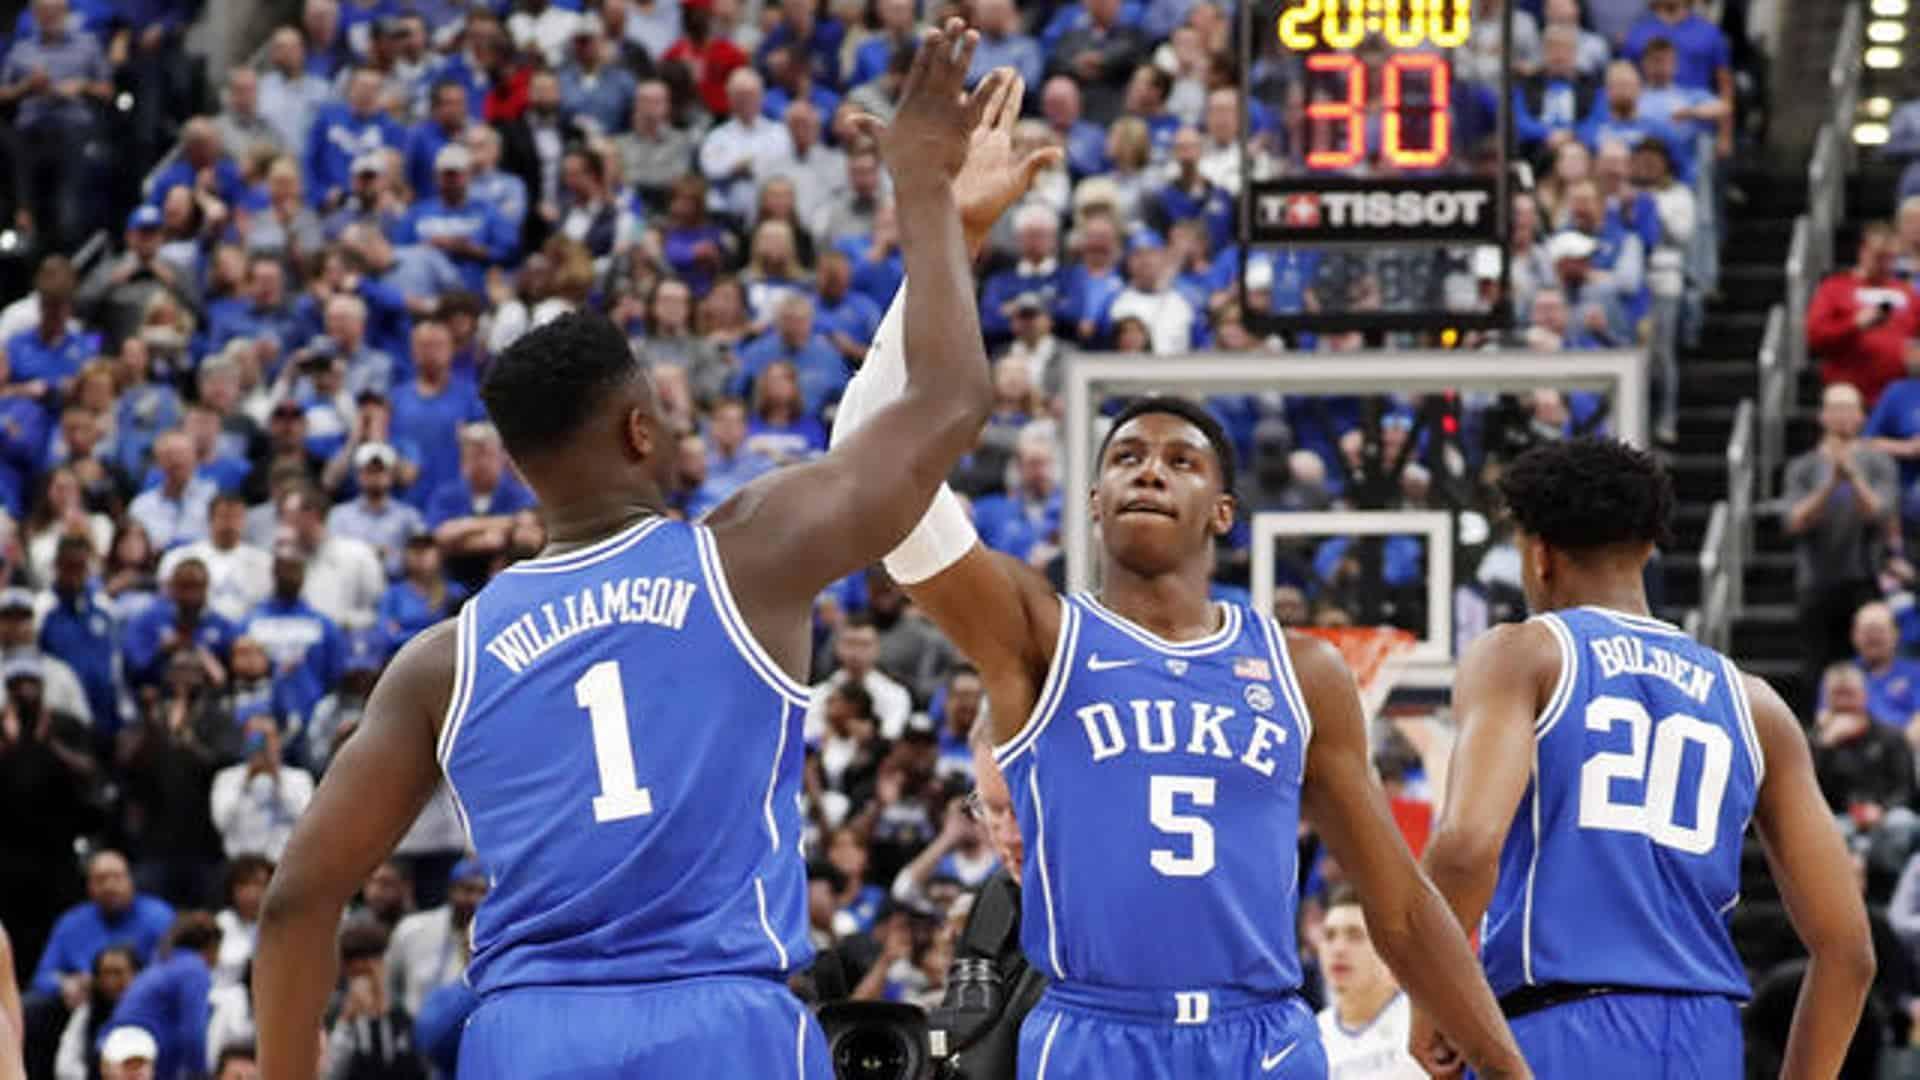 Il borsino delle big: dominio di Duke